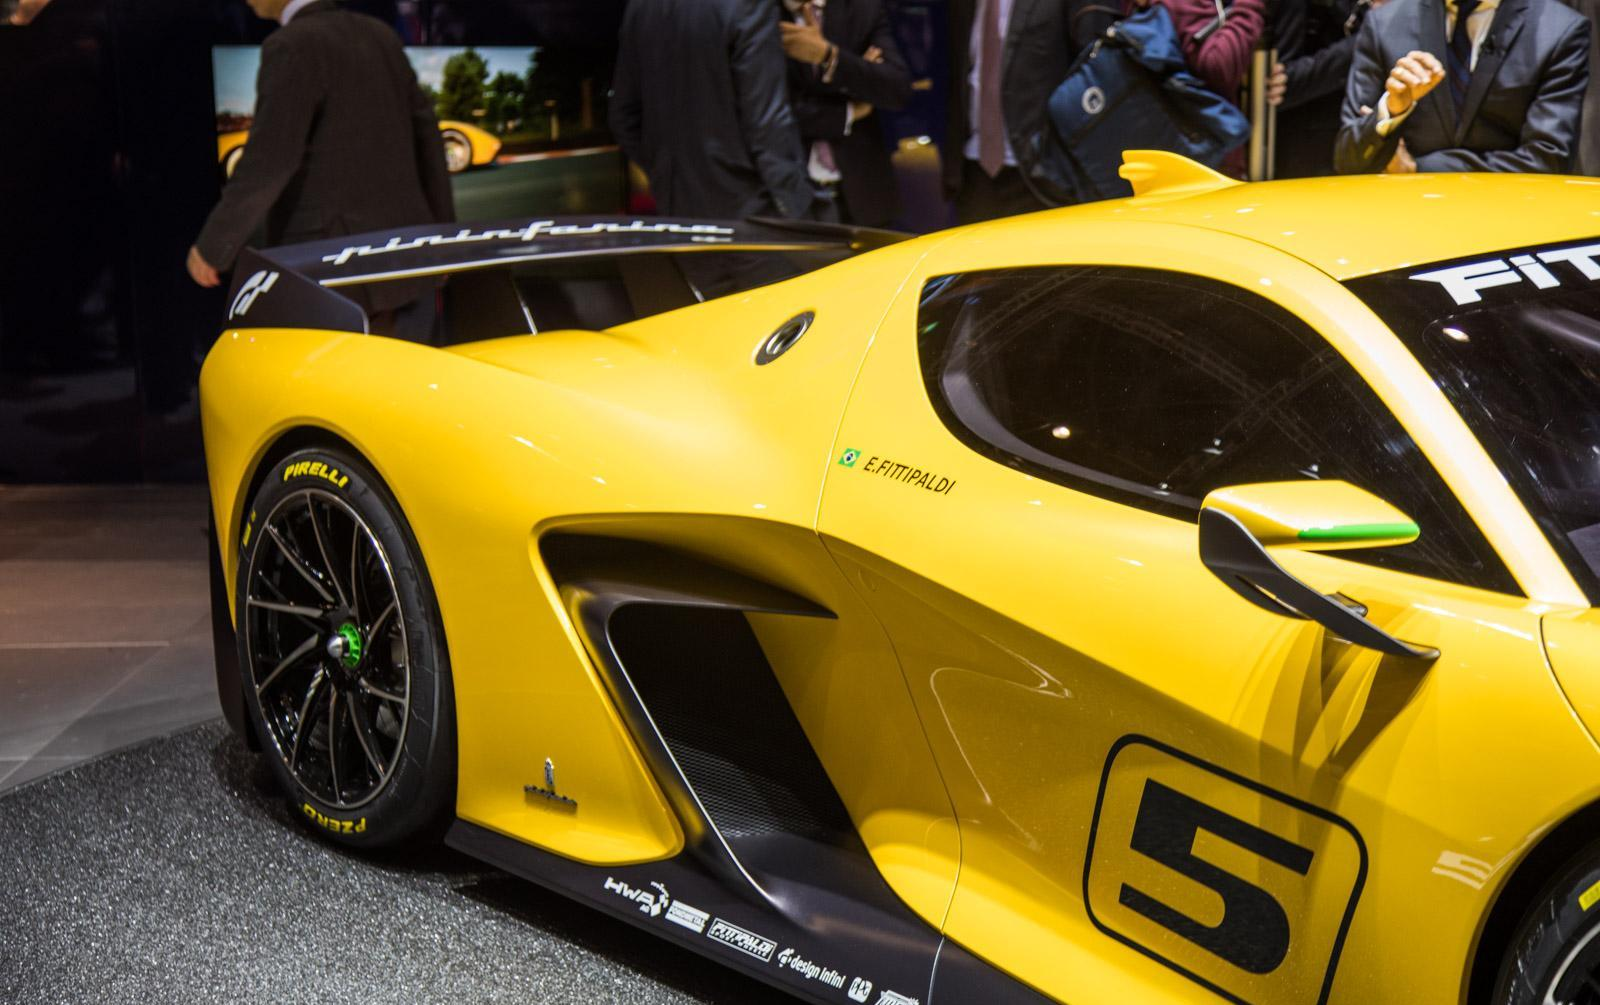 Fittipaldi EF7 Vision Gran Turismo in Geneva 2017 (17)